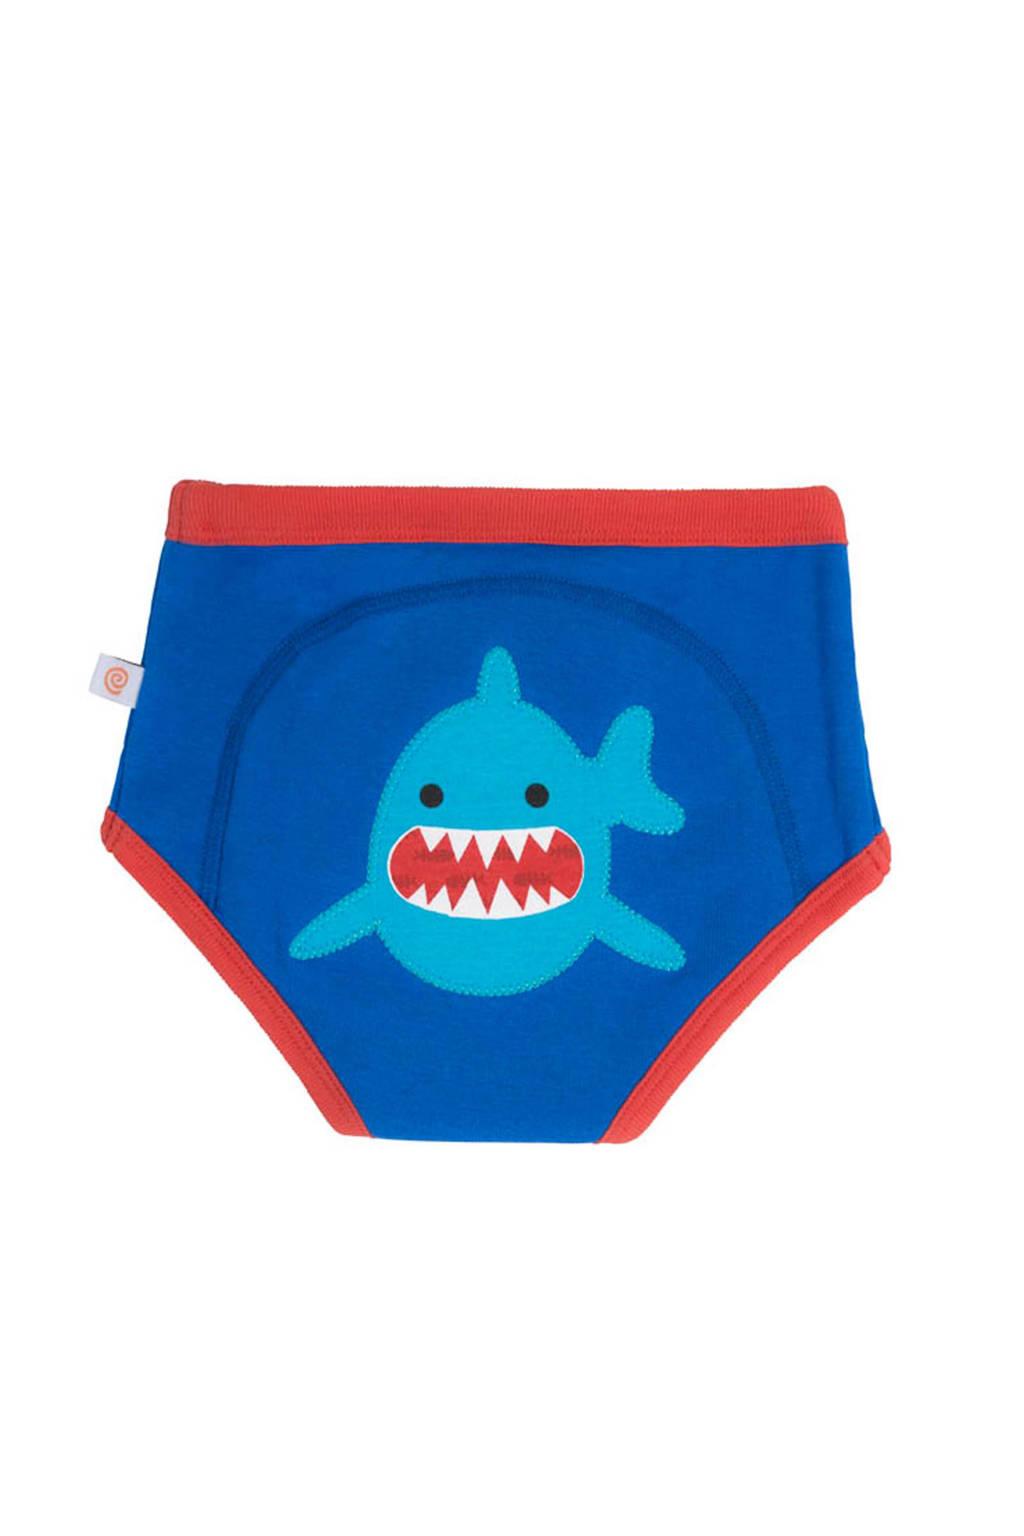 Zoocchini Sherman the Shark trainingsbroekje 2-3 jaar